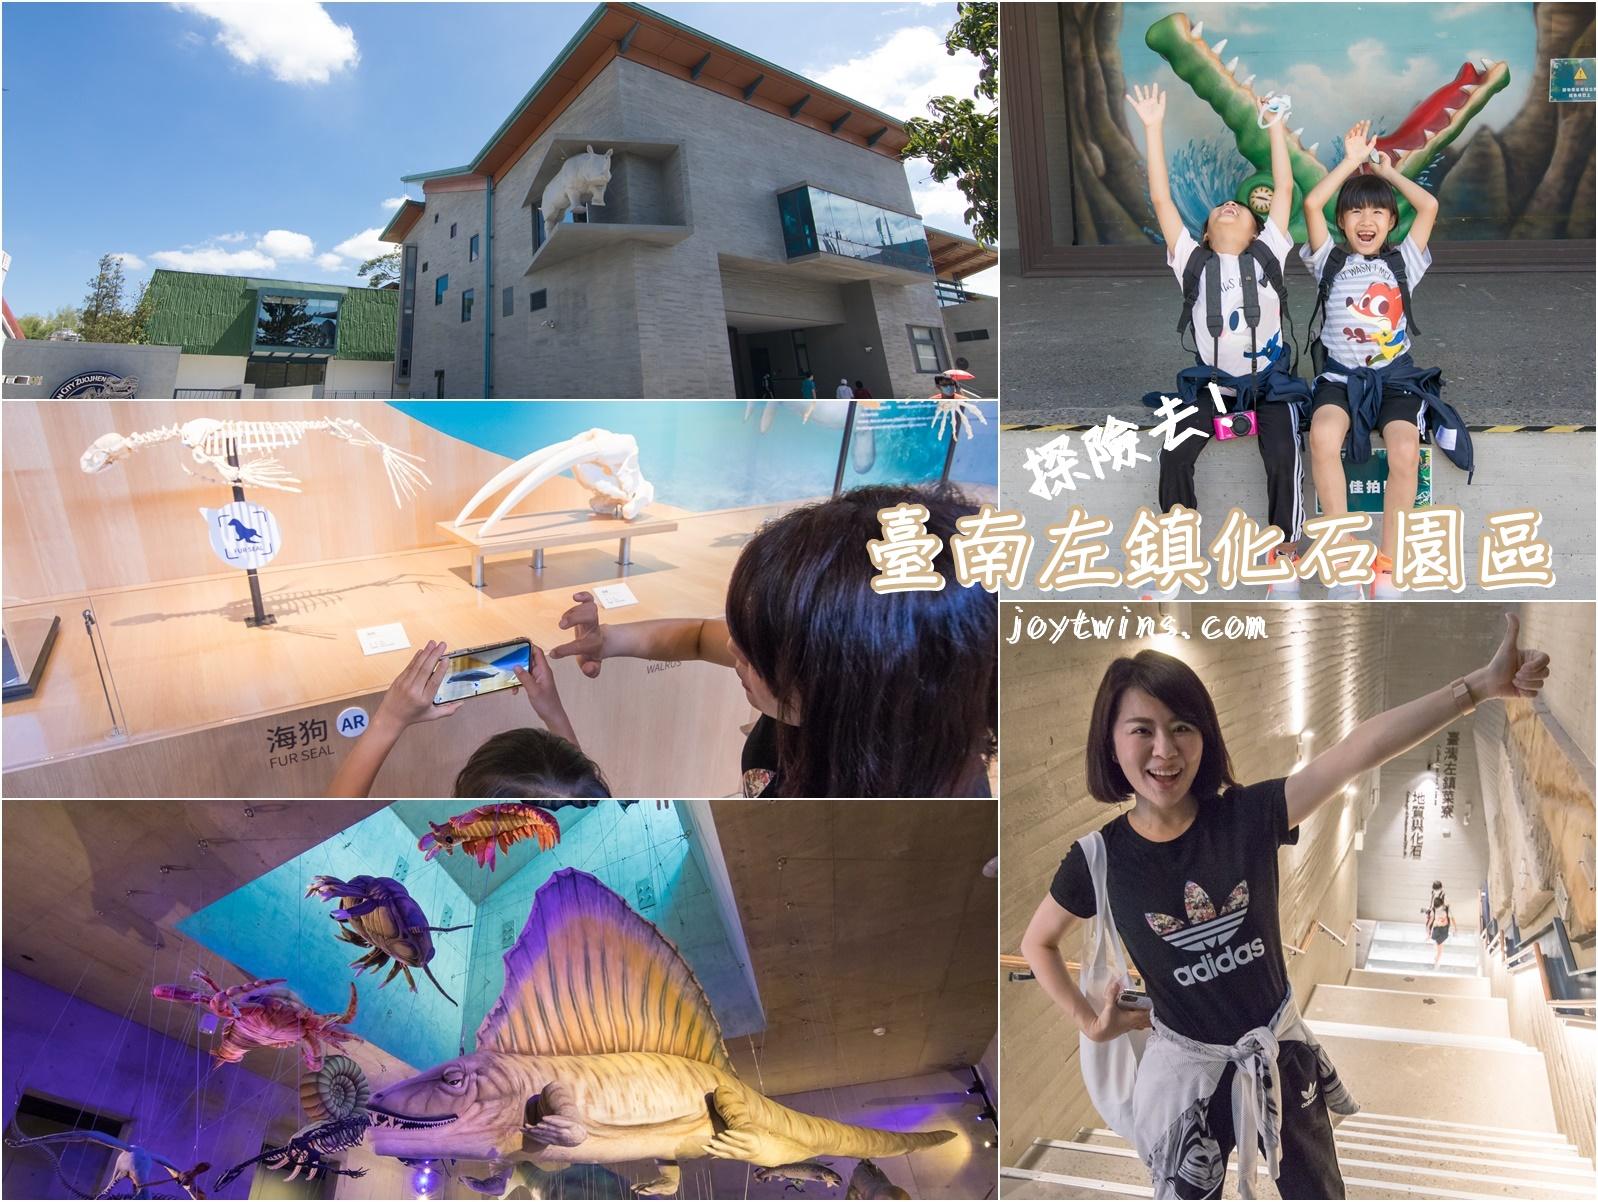 臺南左鎮化石園區 台南親子景點 全台唯一化石博物館 快來一起探險吧! 5大展館攻略大公開!